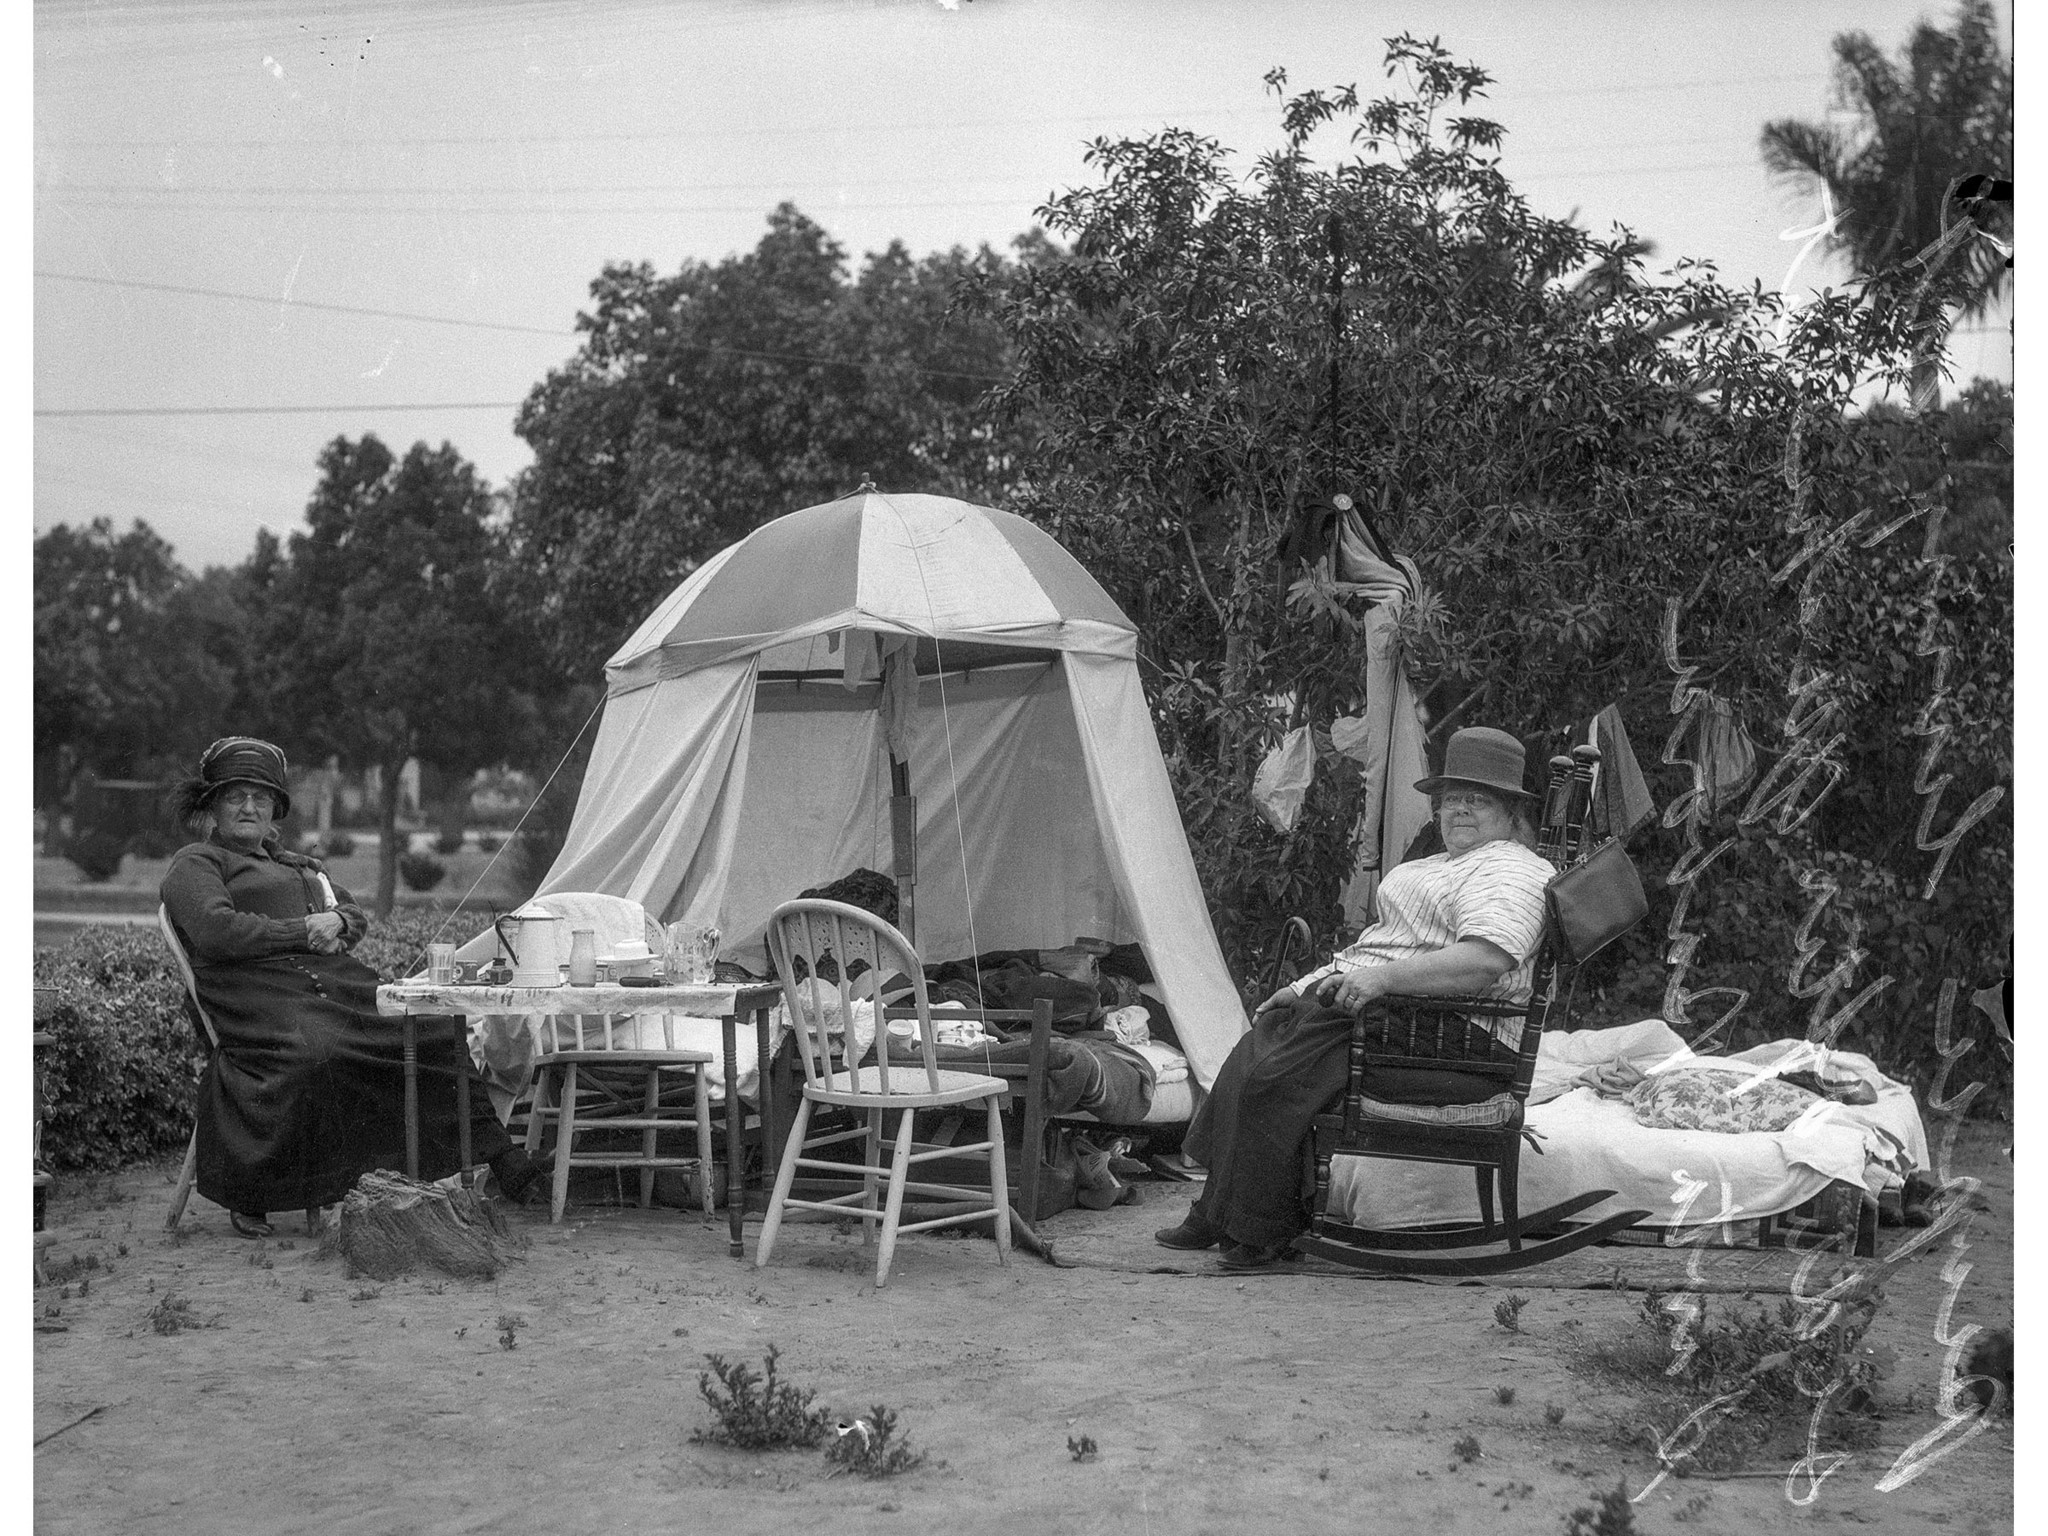 June 1925: Santa Barbara residents living in tent following 6.8 earthquake of June 29, 1925. Handwri